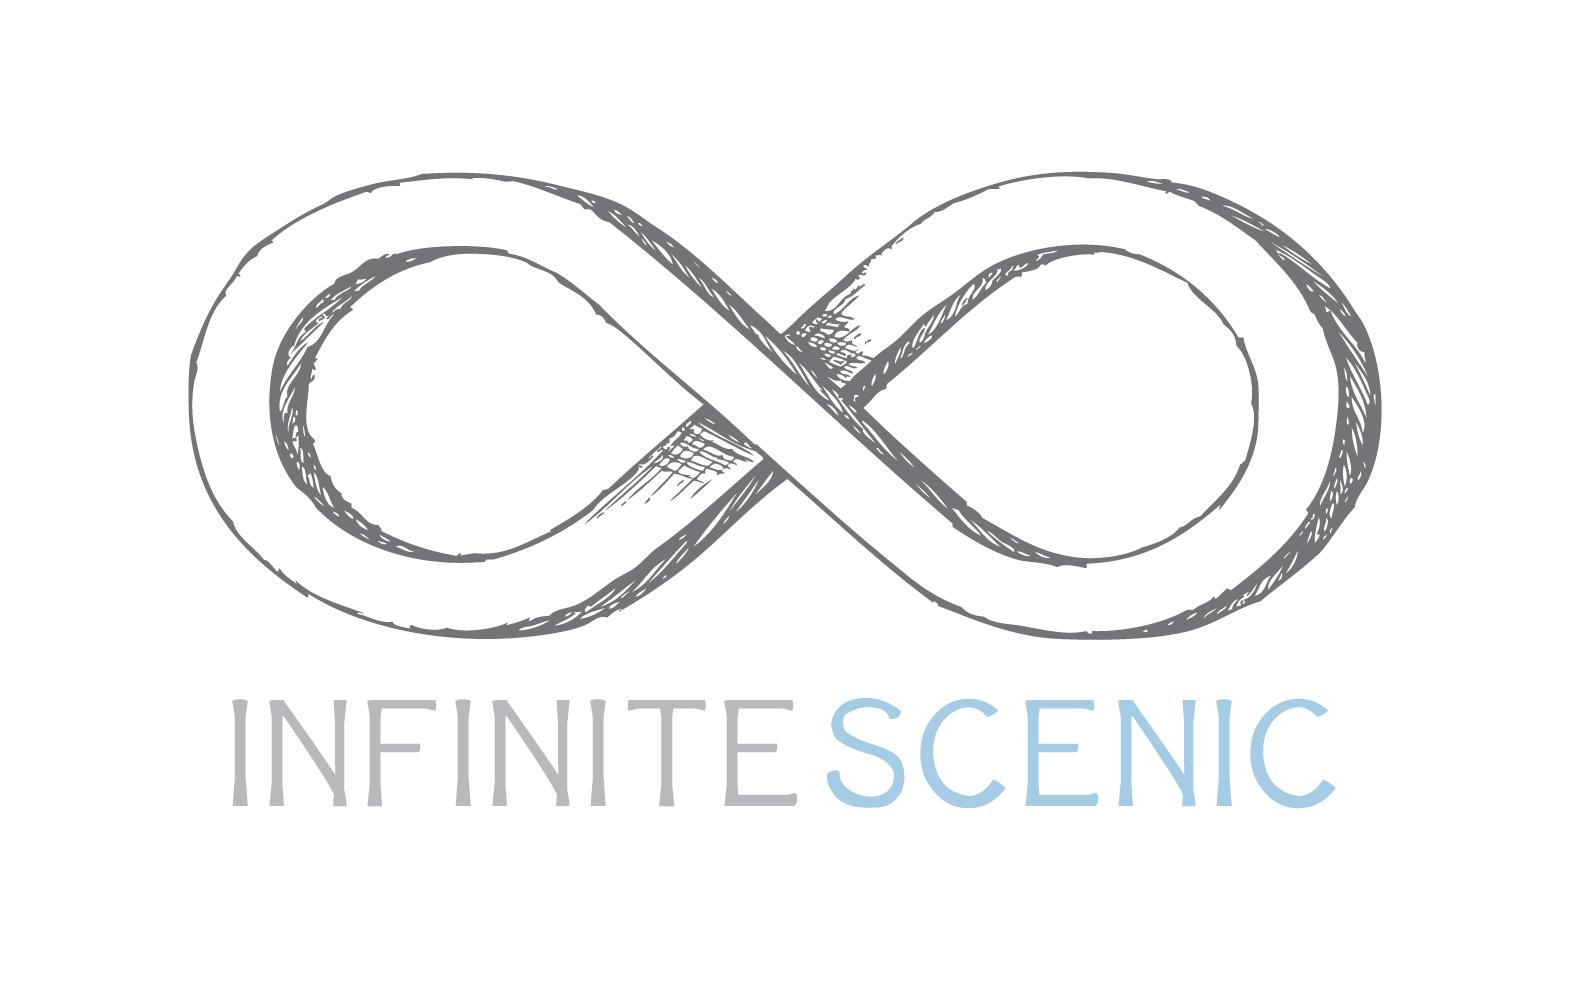 Infinite Scenic LLC